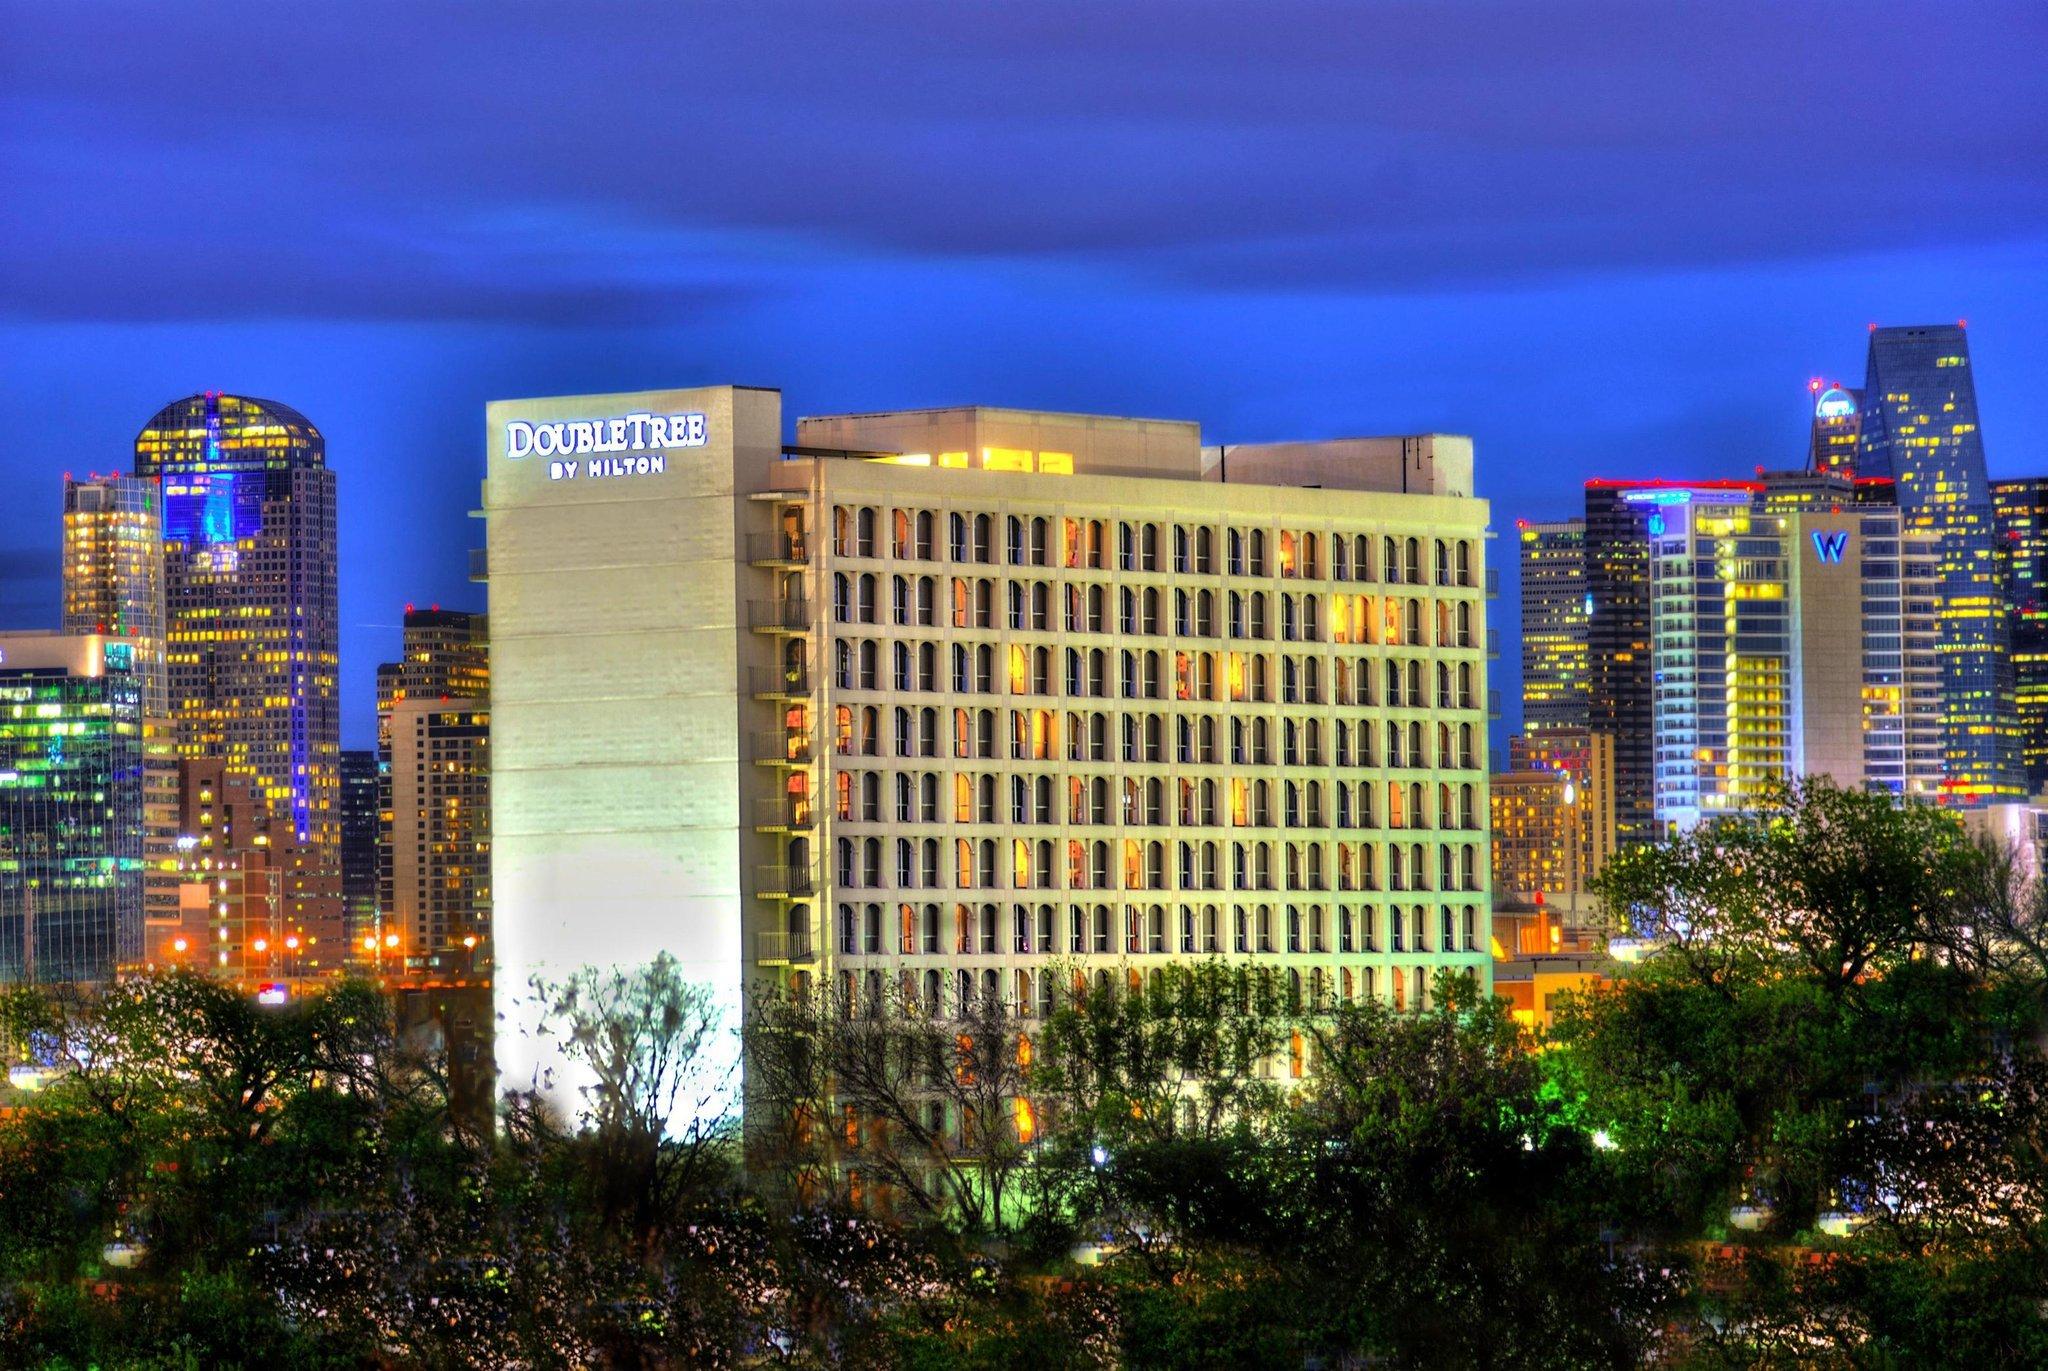 ... of Doubletree by Hilton Dallas Market Center, Dallas - TripAdvisor